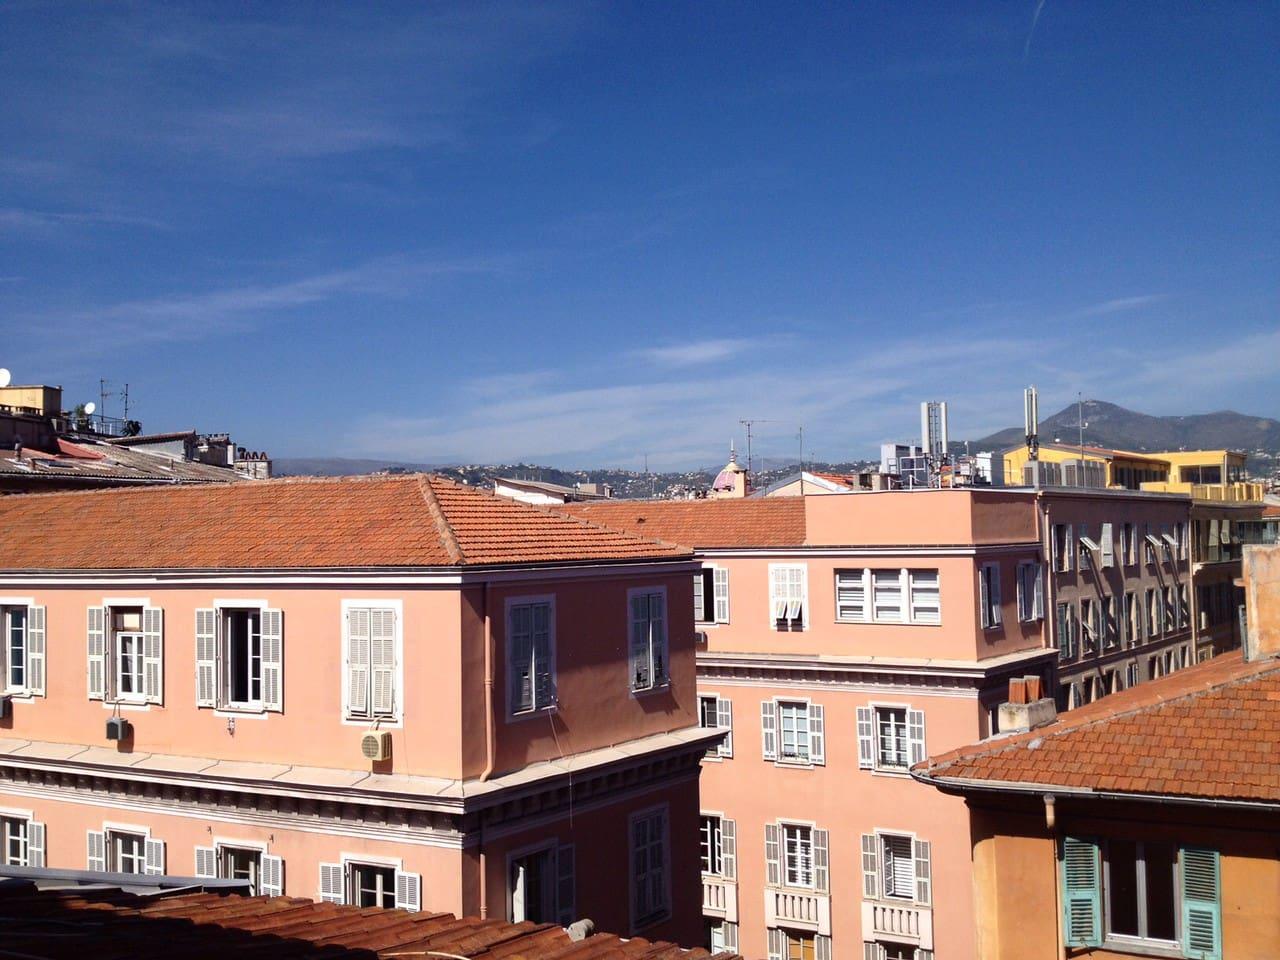 Vue sur les toits , accès piéton dans le cœur de la vieille ville